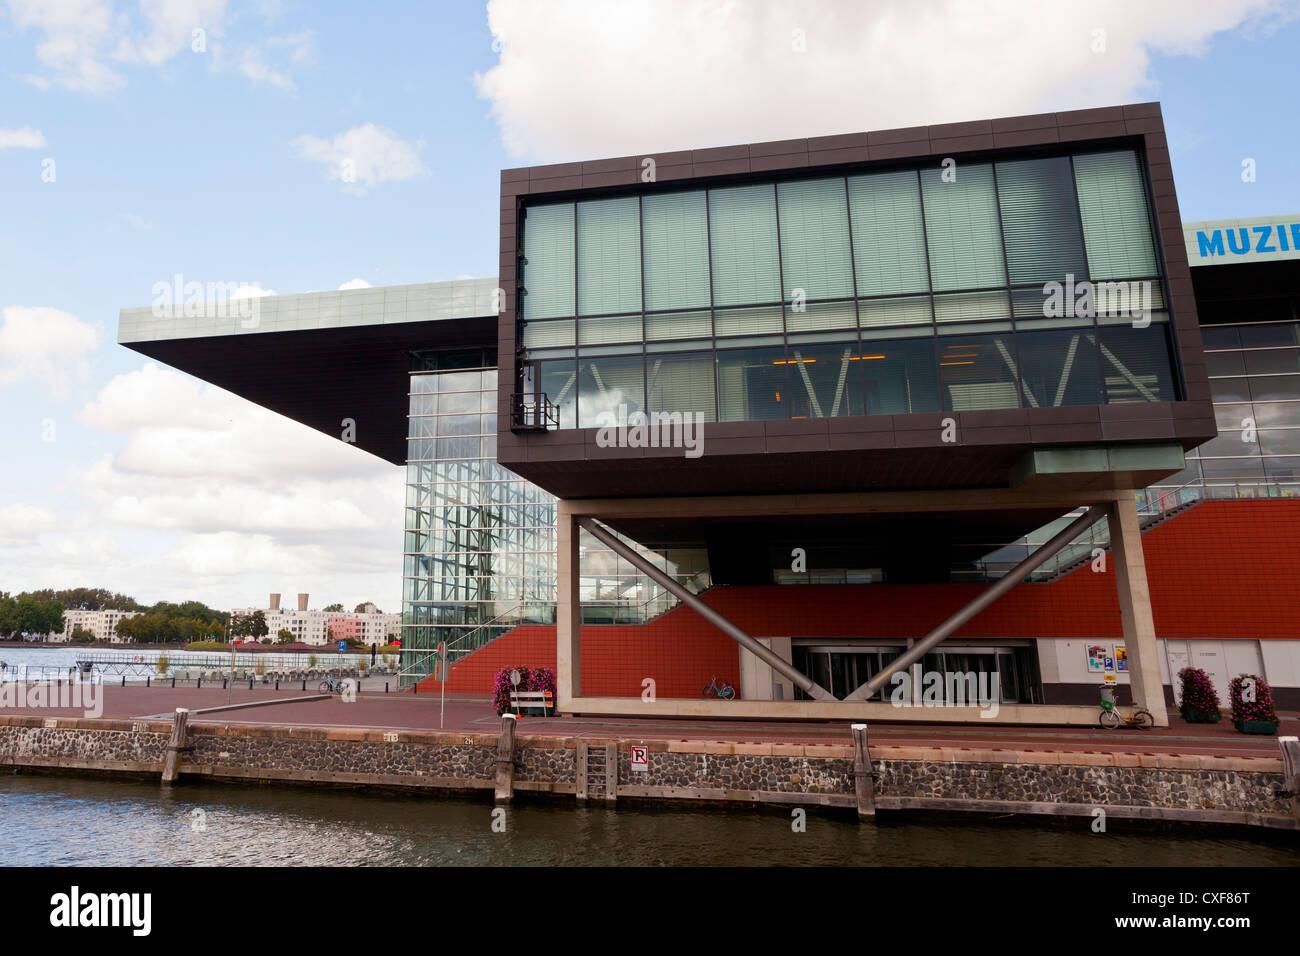 Amsterdam: Muziekgebouw Aan 't Ij/ Bimhuis (Concert hall) - Amsterdam, Netherlands, Europe - Stock Image